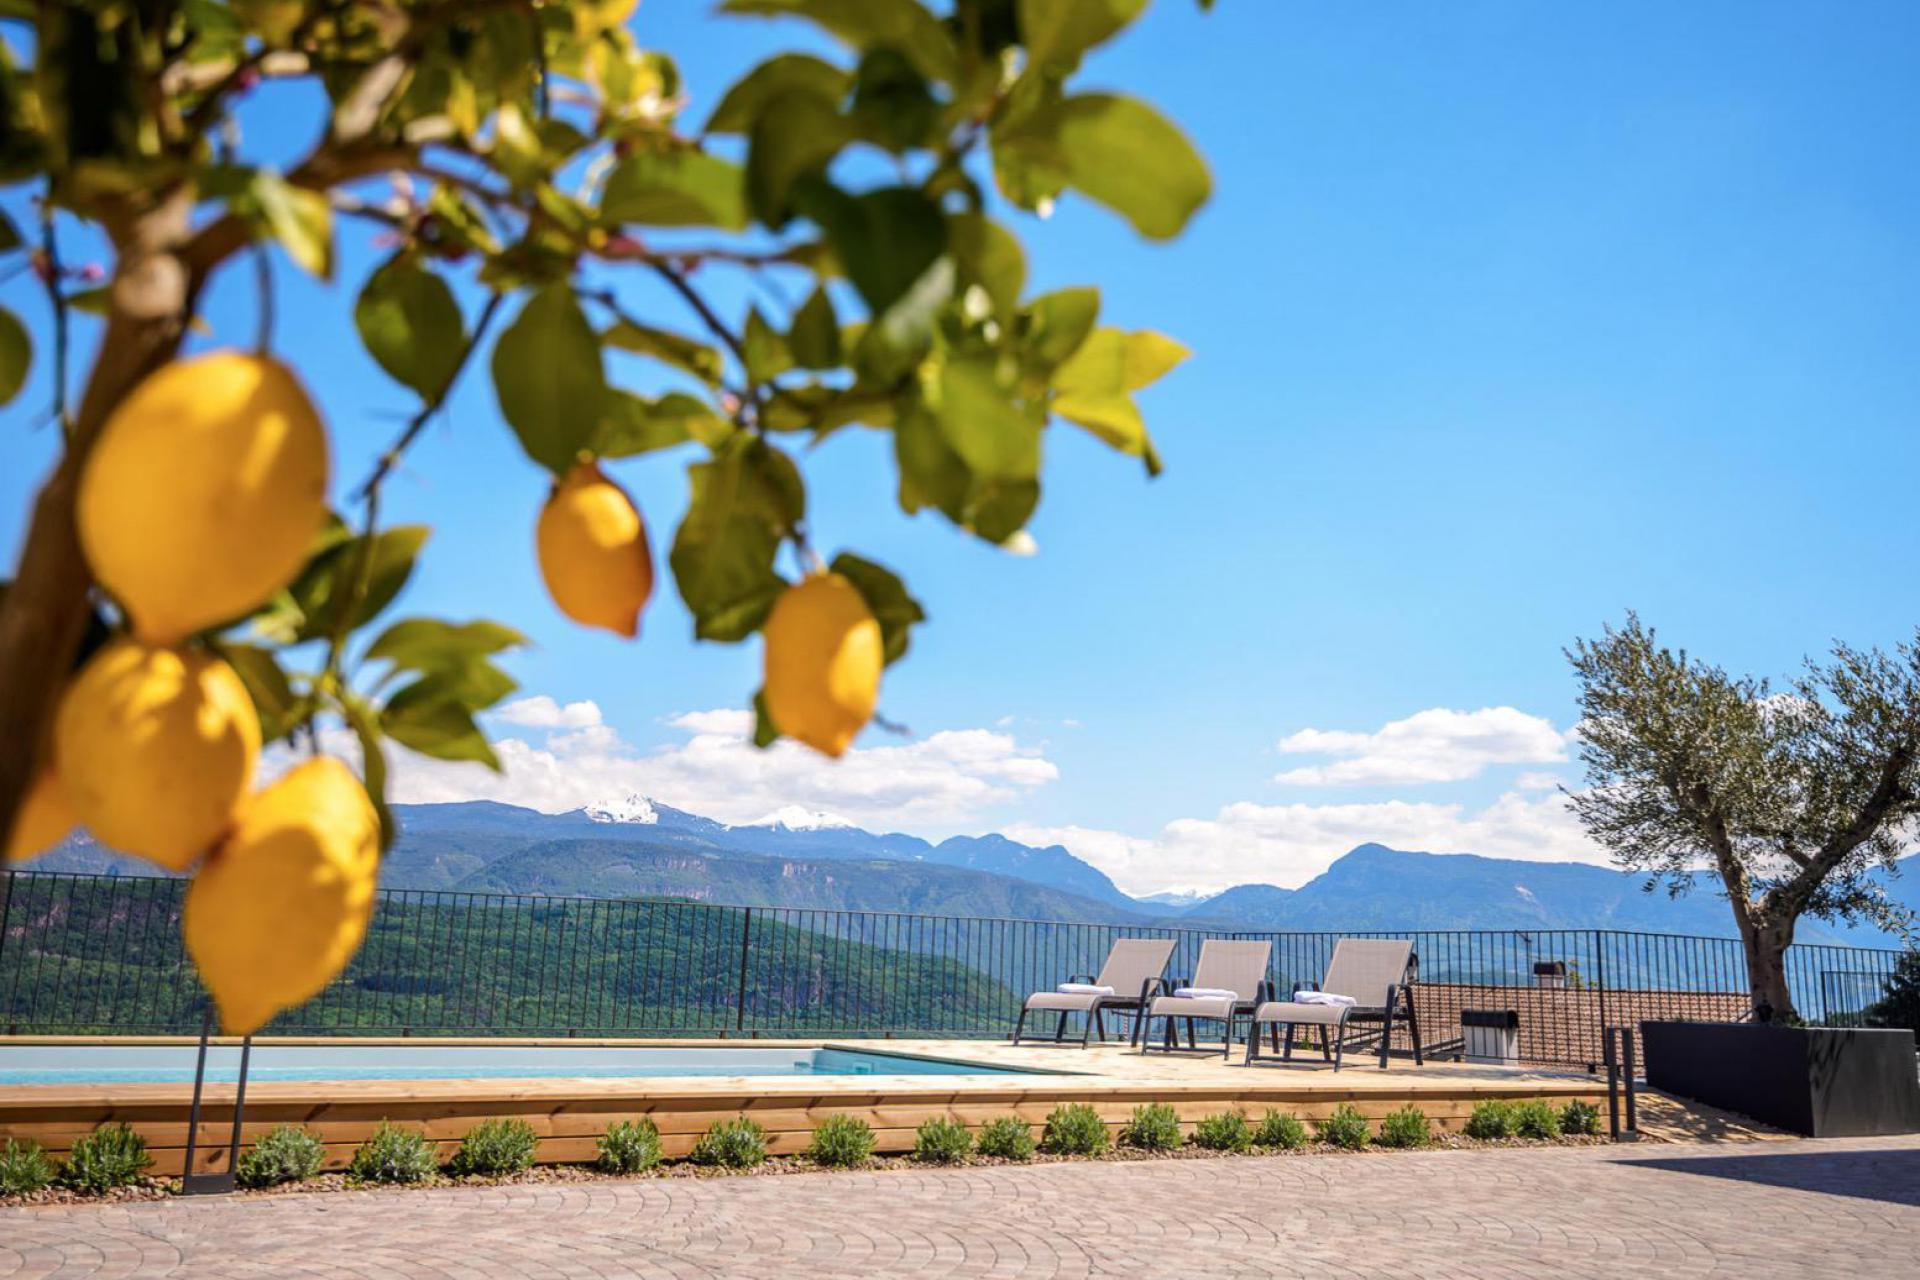 Agriturismo Dolomieten Agriturismo in de Dolomieten tussen wijngaarden en appelbomen